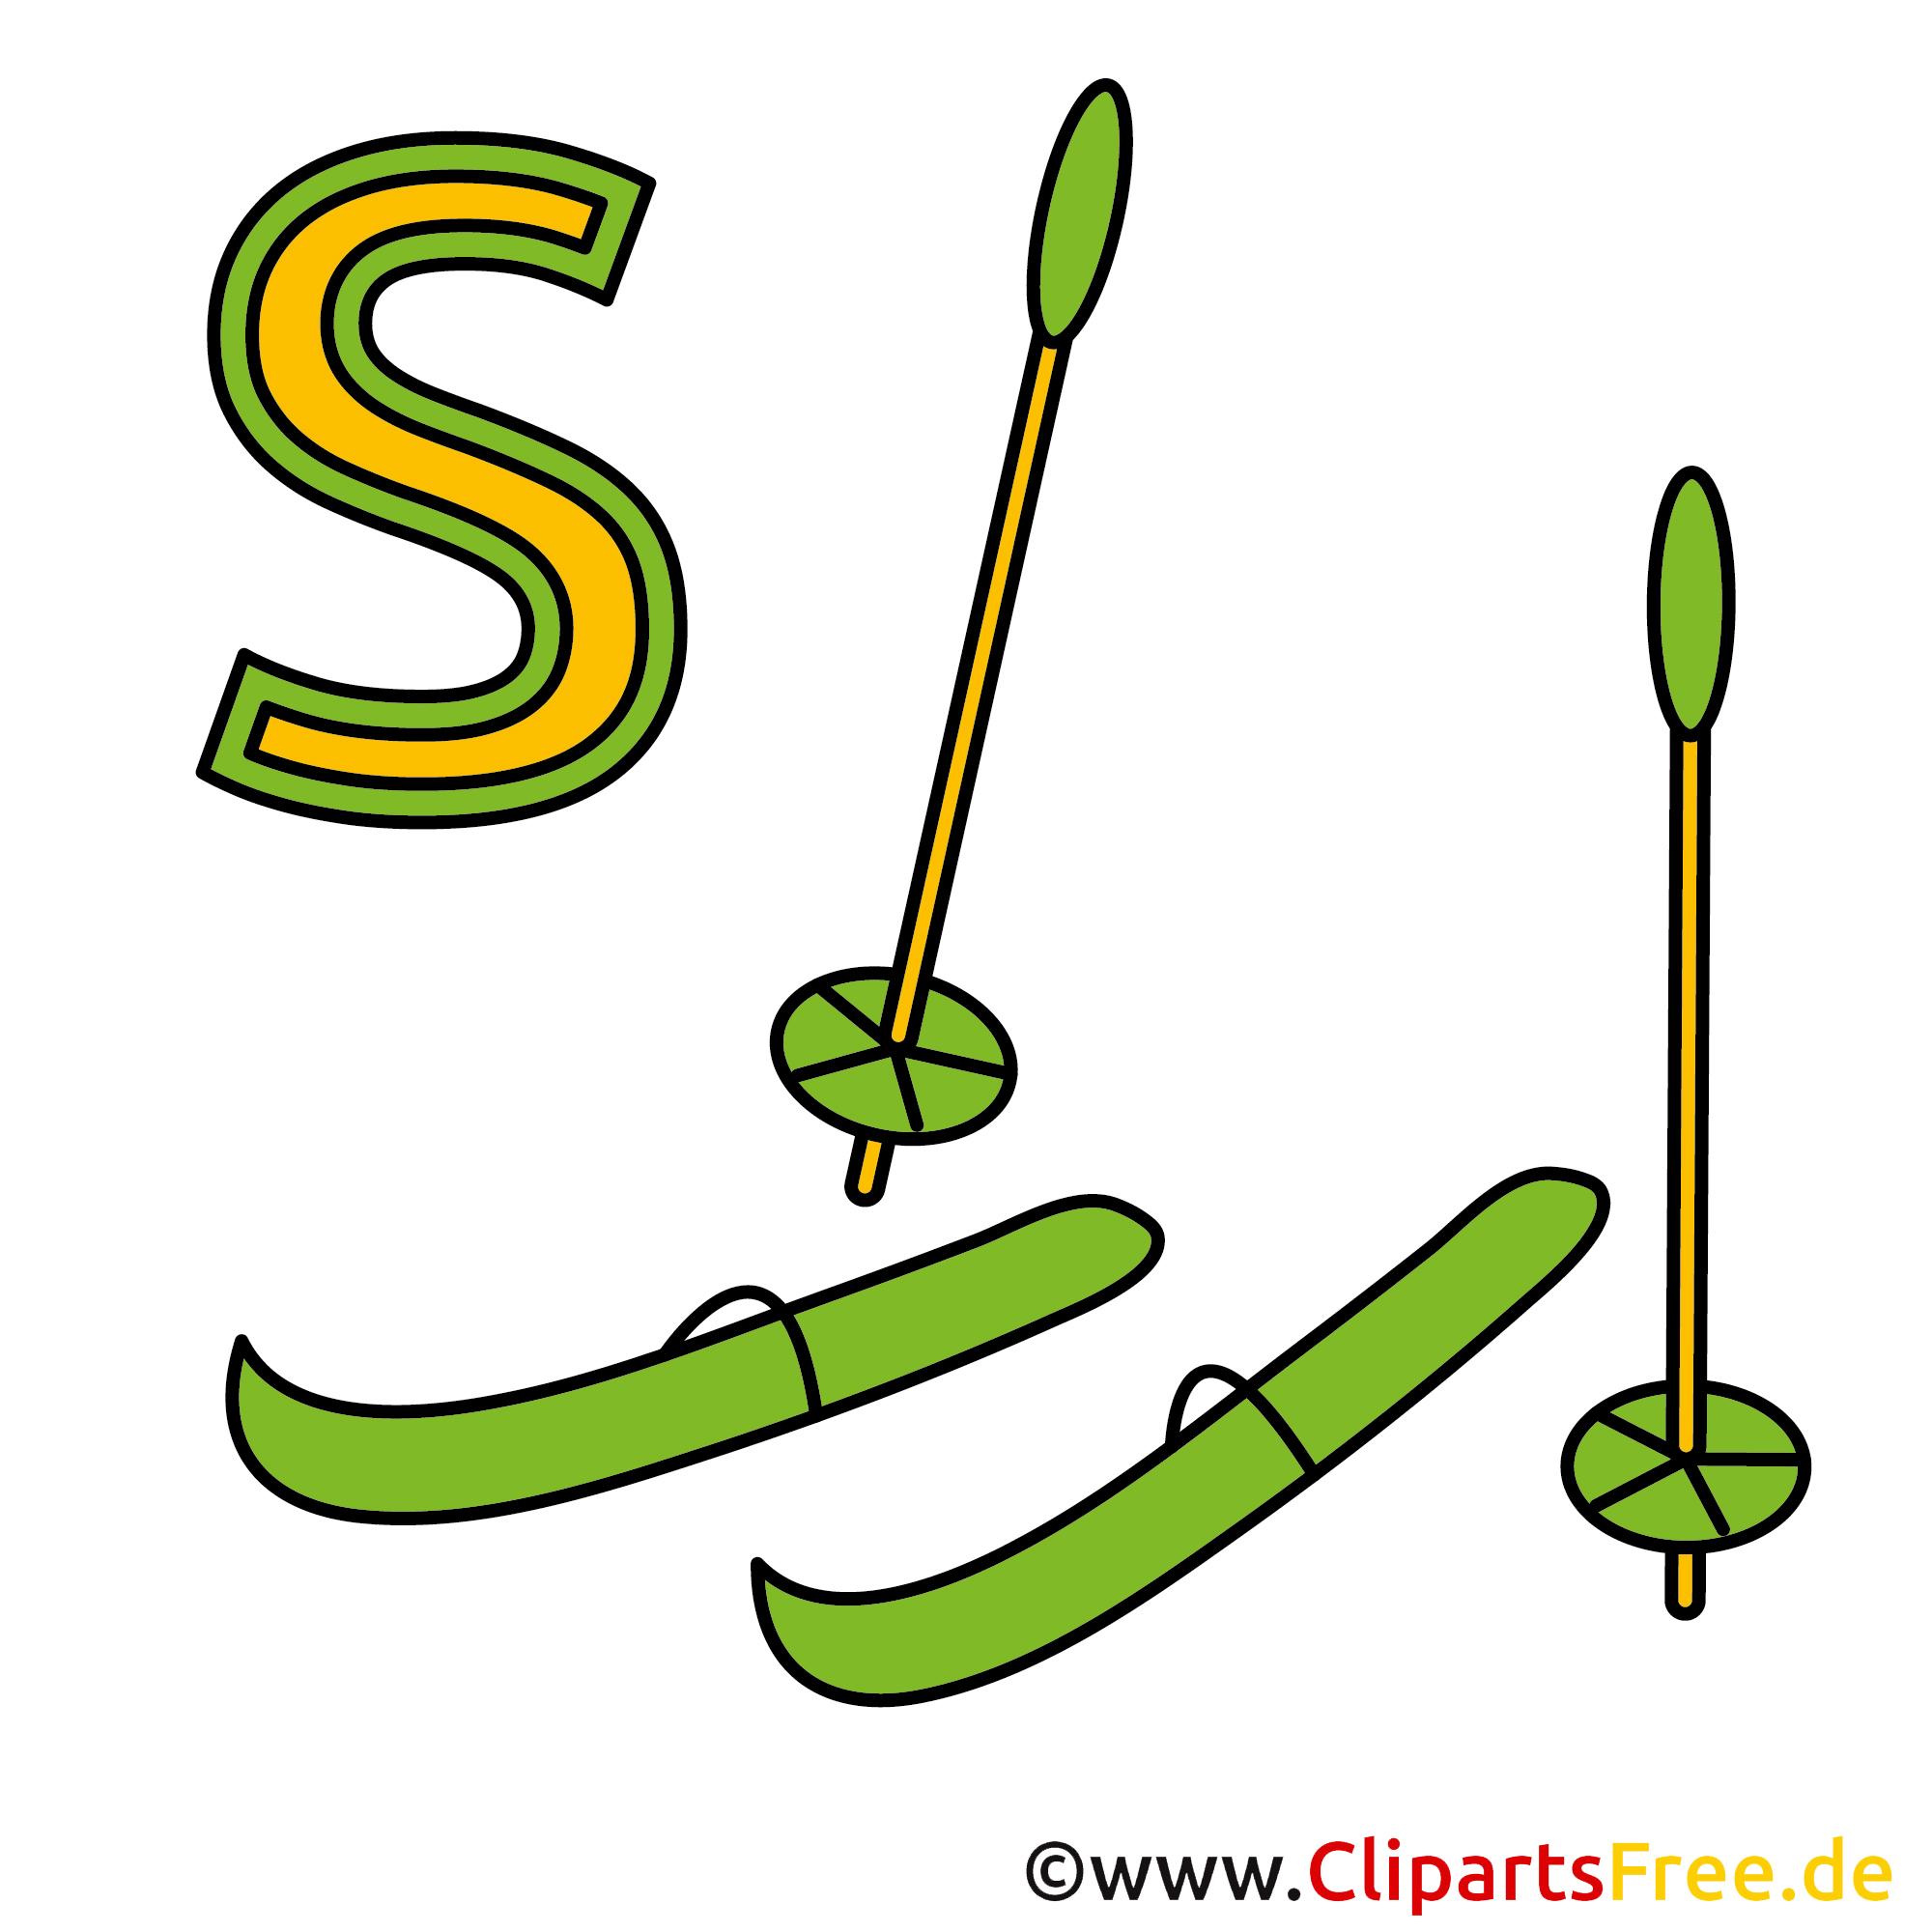 Deutsche Buchstaben in Bildern - Ski Bild